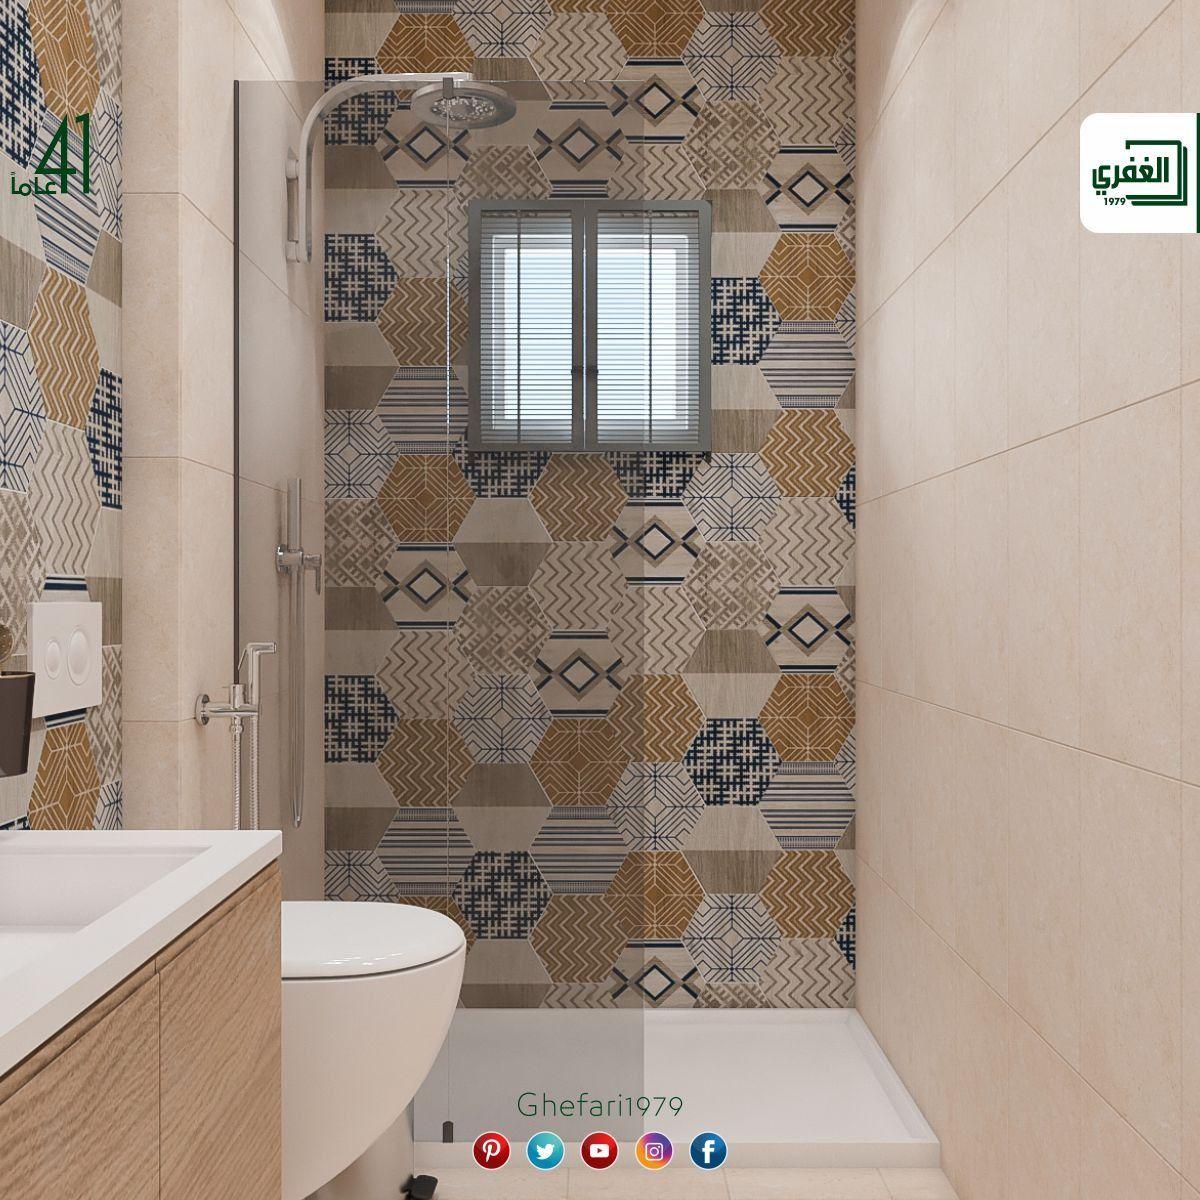 بورسلان أسباني ديكور سداسي للاستخدام داخل الحمامات المطابخ اماكن اخرى للمزيد زورونا على موقع الشركة Https Www Ghef Curtains Printed Shower Curtain Shower